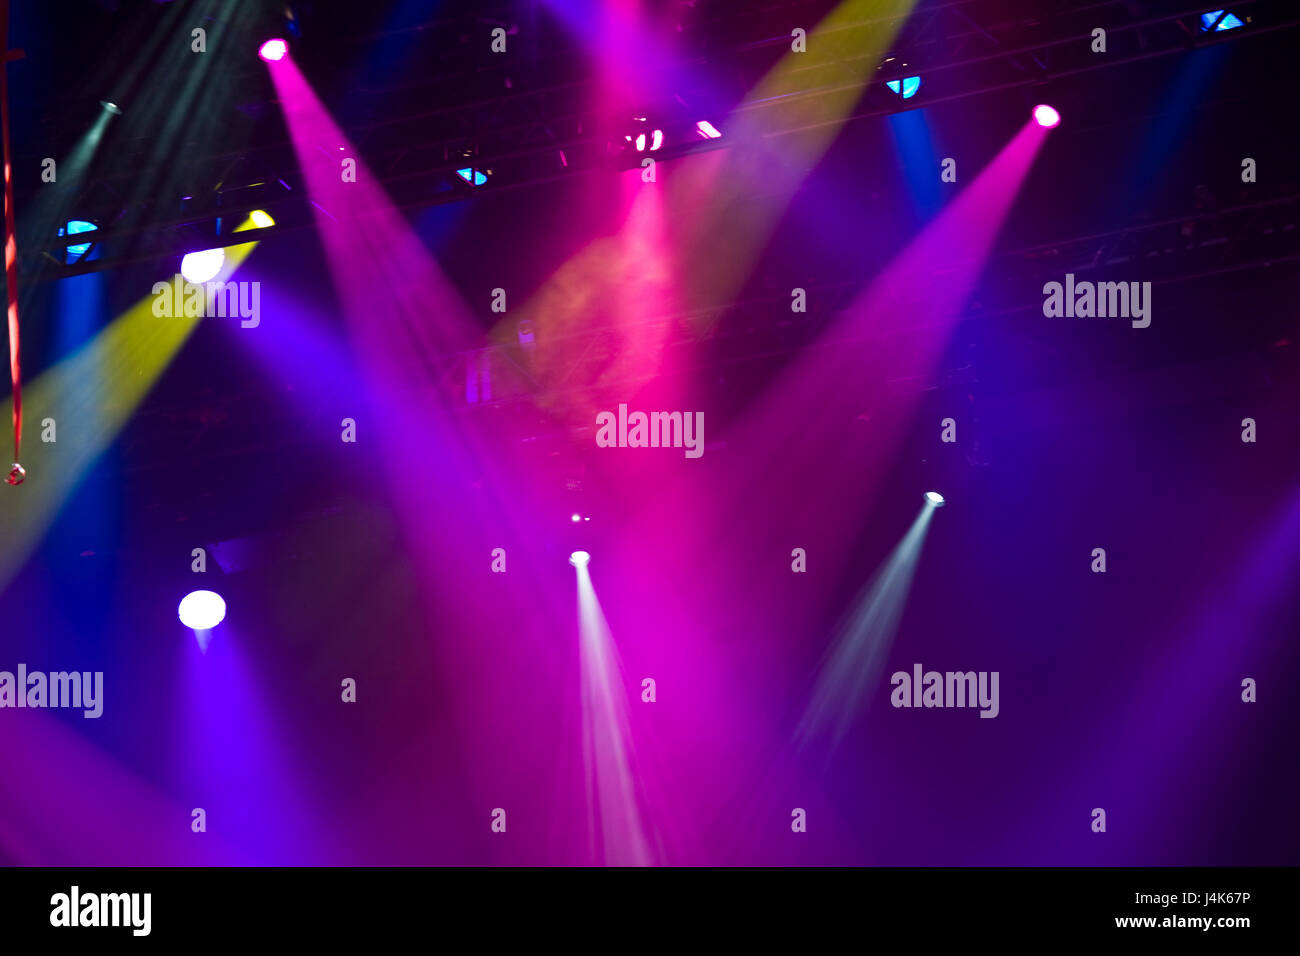 Concerto di colorate luci da palco foto immagine stock